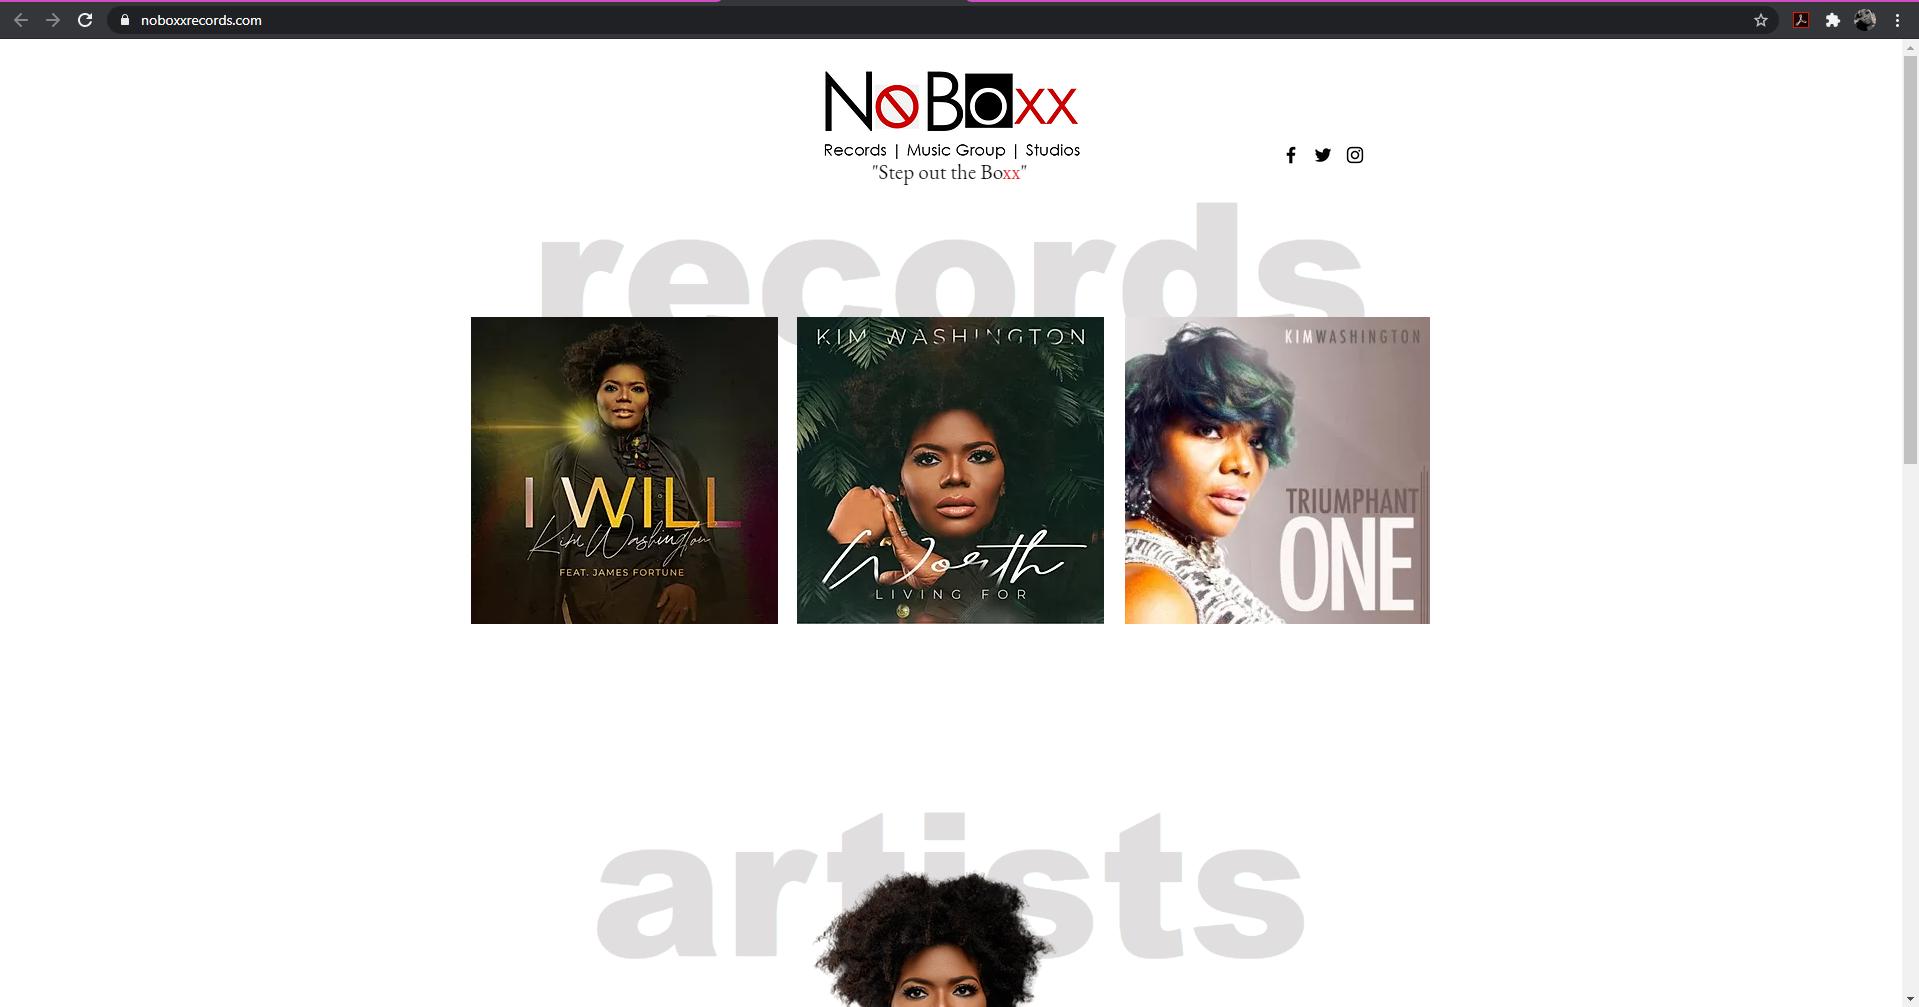 Noboxx Records